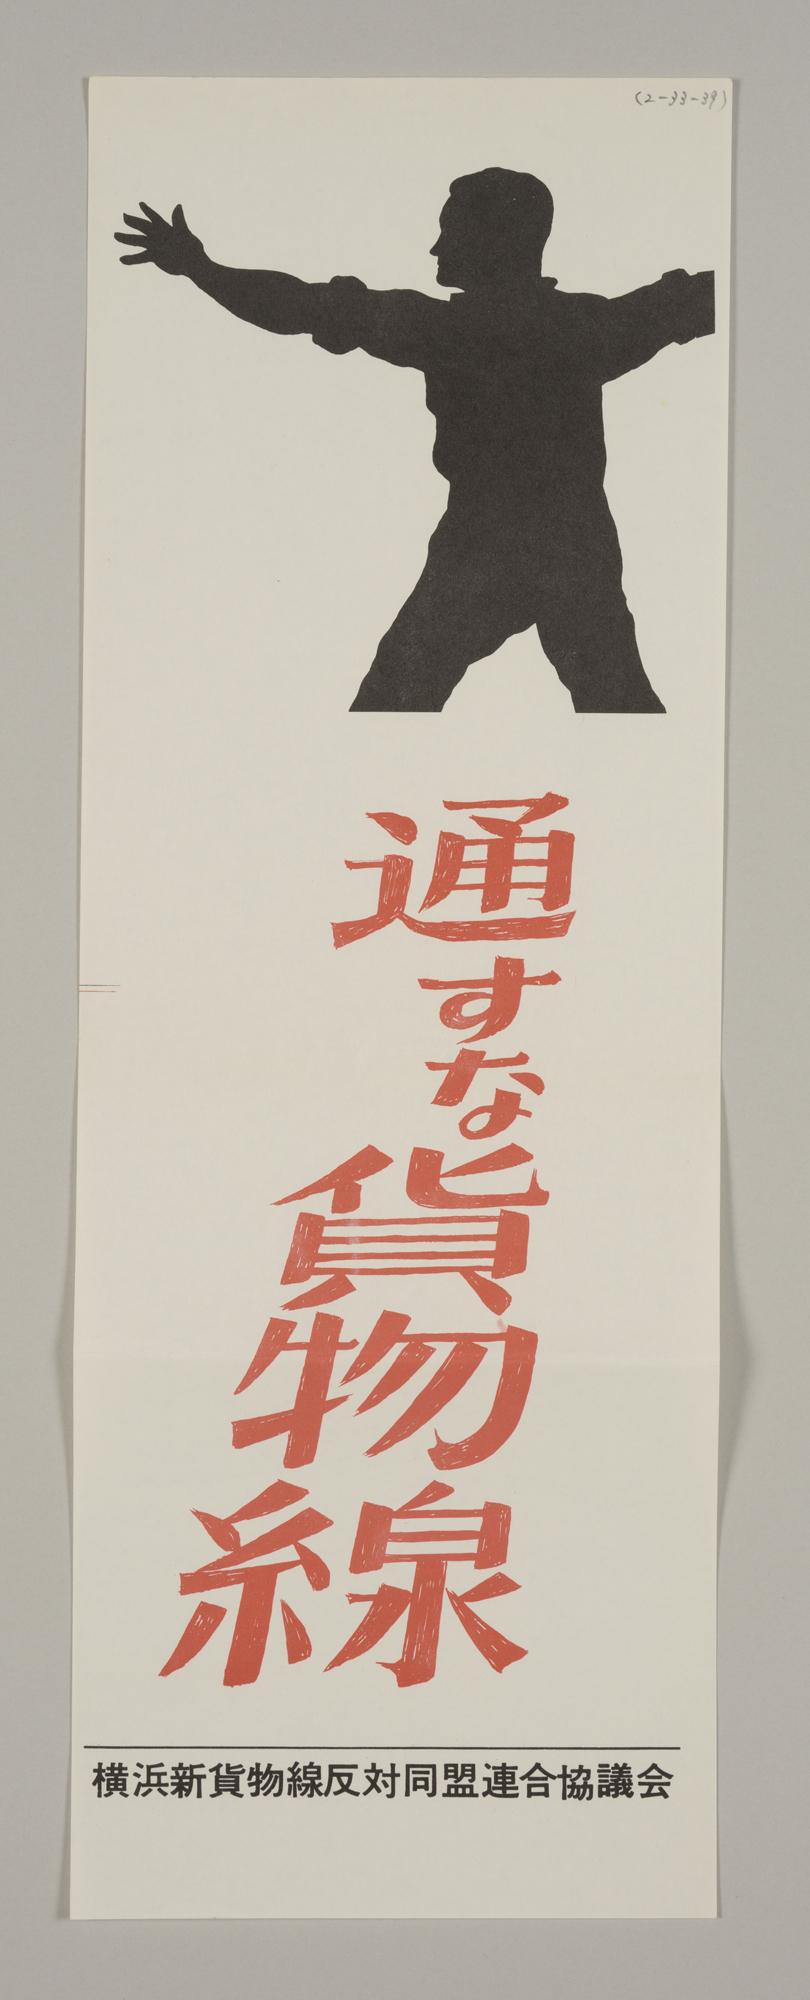 横浜新貨物線反対同盟ポスター 通すな貨物線 立教大学共生社会研究センター蔵